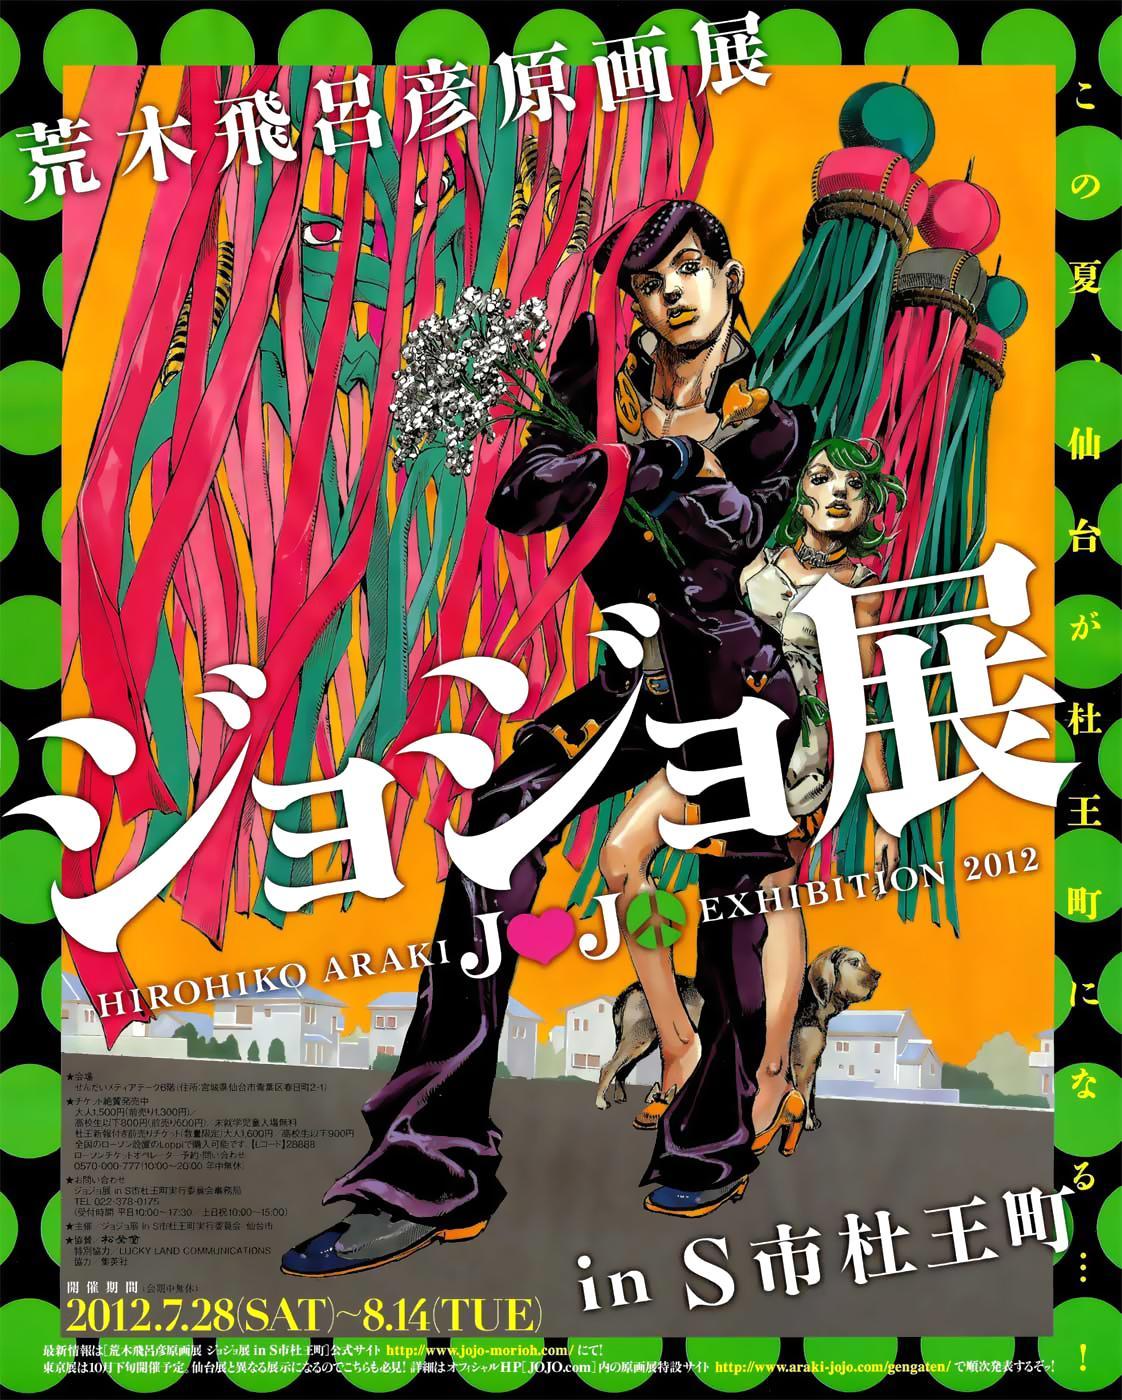 Hirohiko Araki JoJo Exhibition 20   JoJo's Bizarre Wiki   Fandom